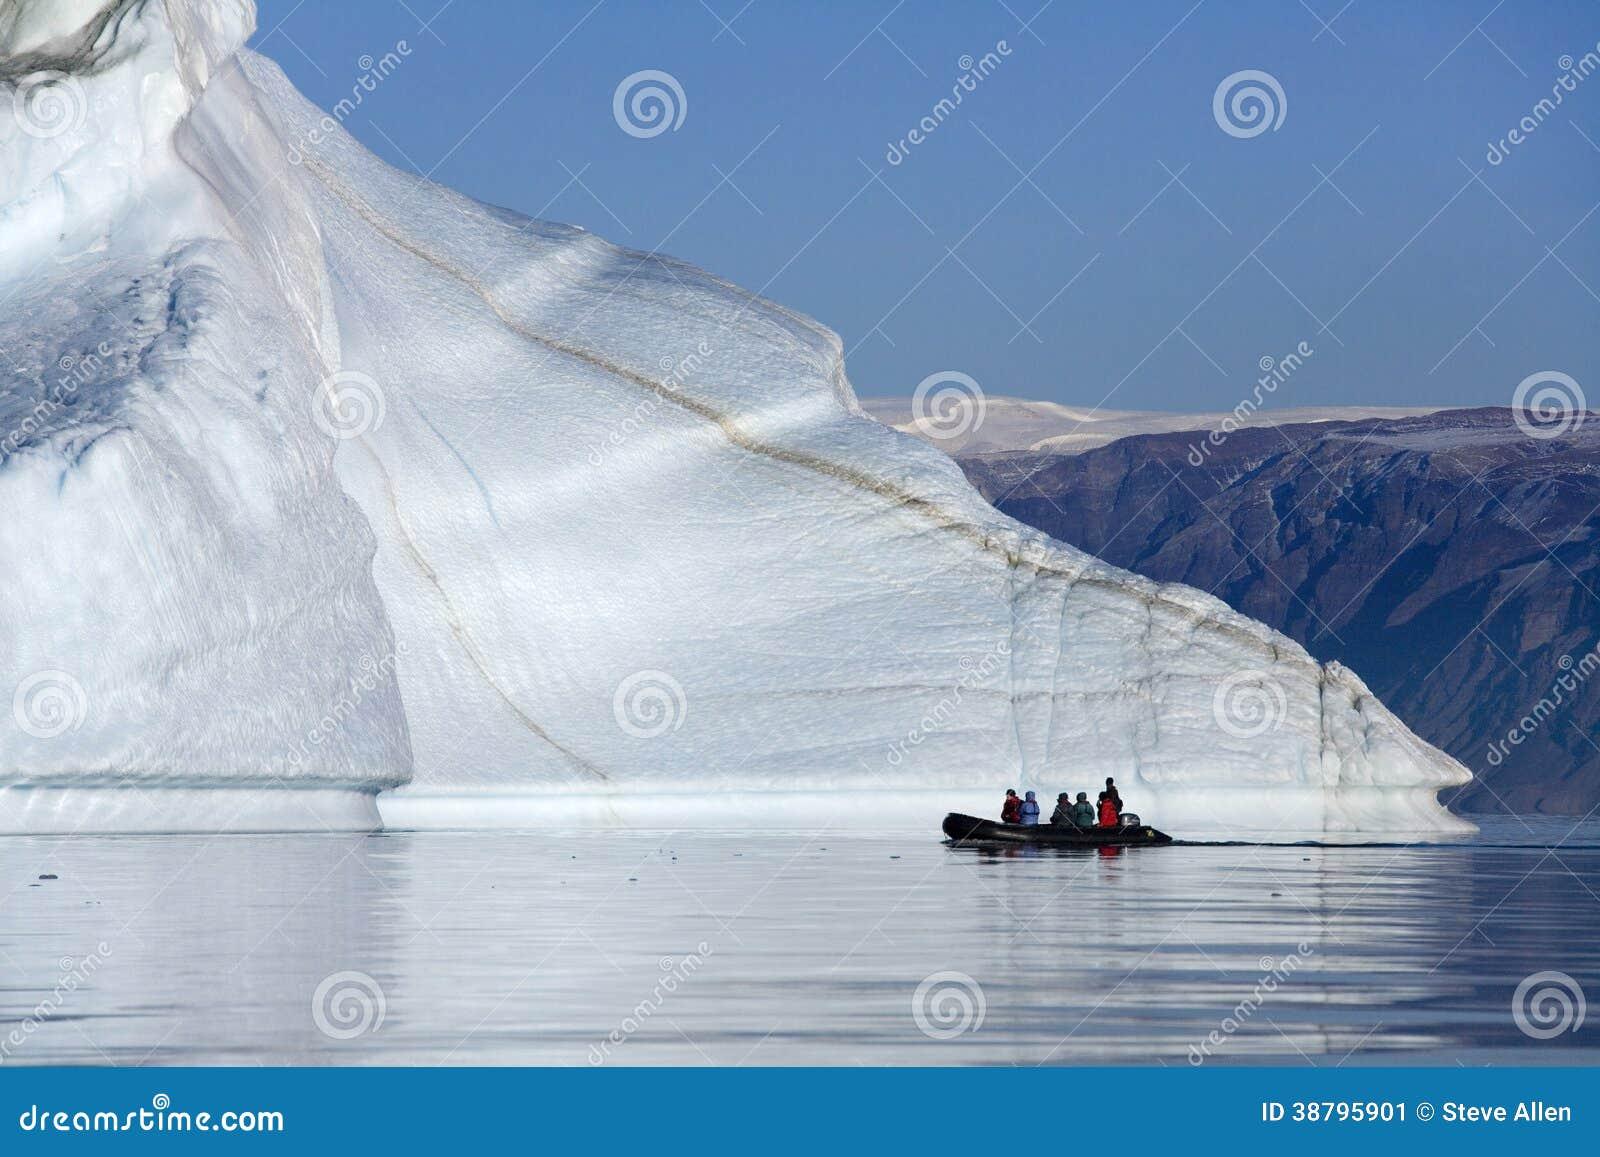 Cementerio del iceberg - Franz Joseph Fjord - Groenlandia